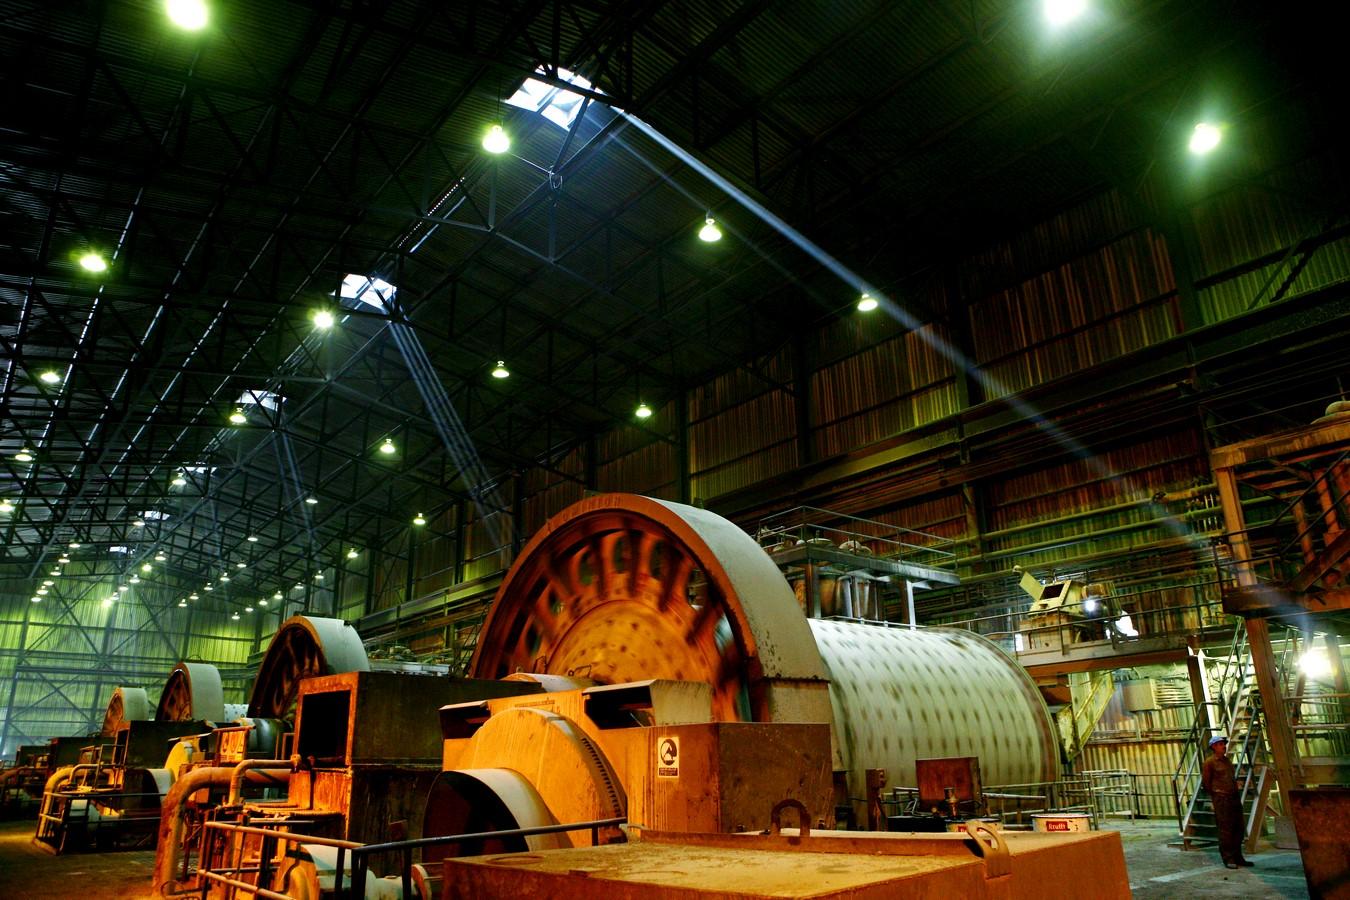 سیصدوسیوپنجمین جلسه هفتگی مرکز تحقیقات فرآوری مواد کاشیگر (بررسی راهبری مدار آسیاکنی کارخانه پرعیارکنی یک)